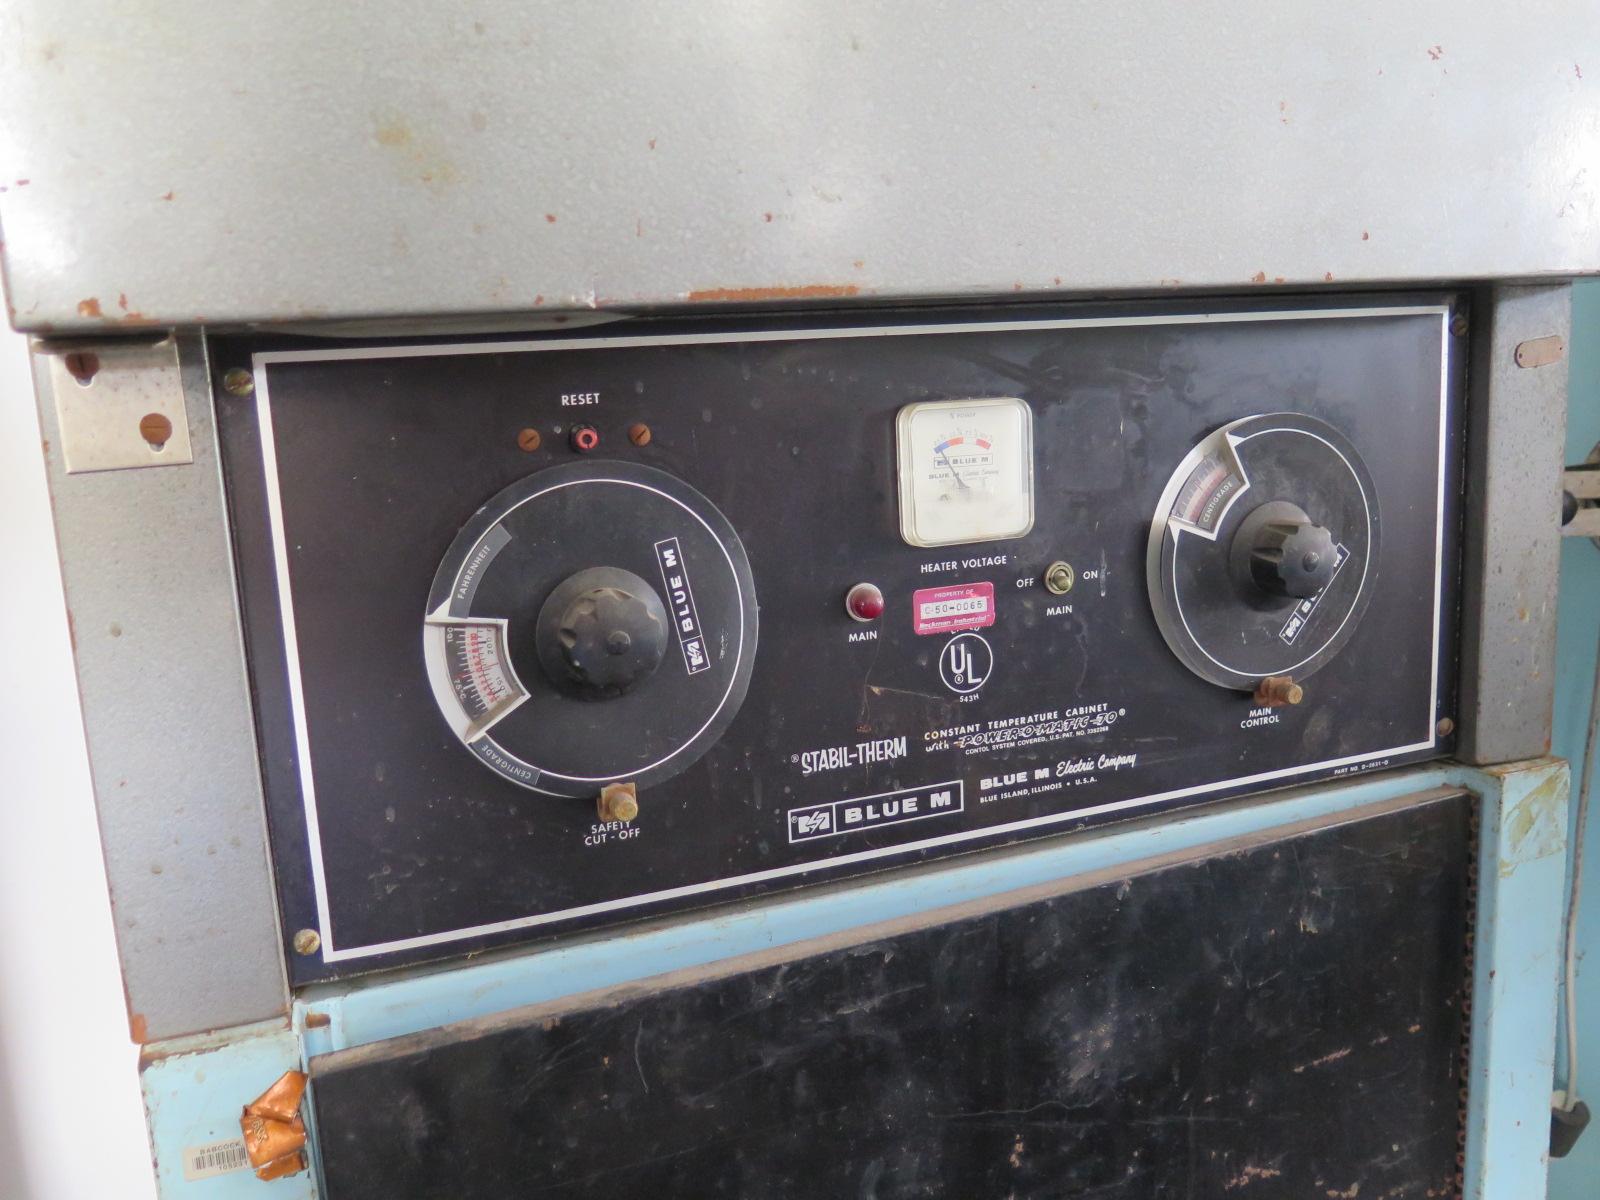 Stabil Therm mdl. OV 500C 2 100°F 500°F Constant Temperature Oven #487283